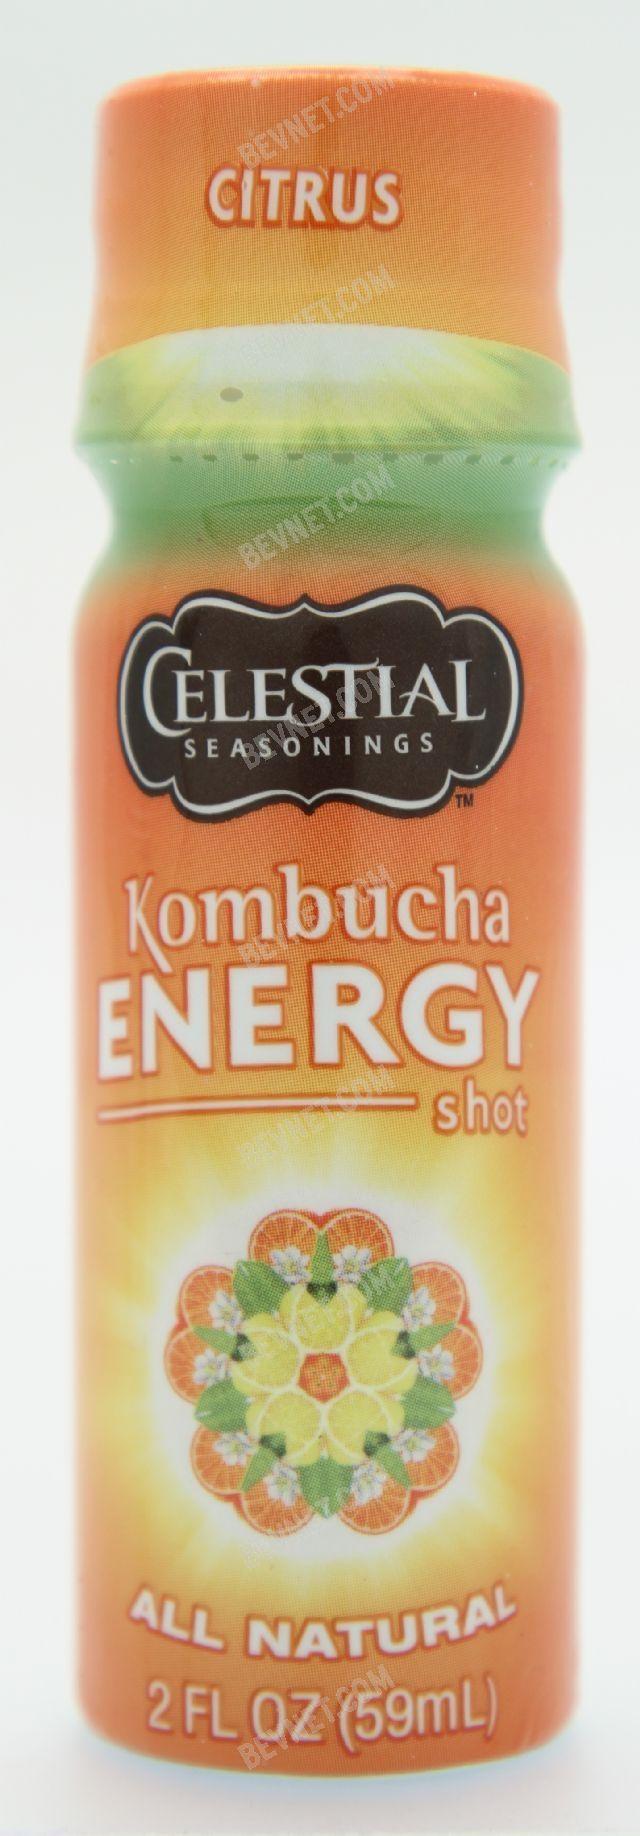 Celestial Seasonings Kombucha Energy: